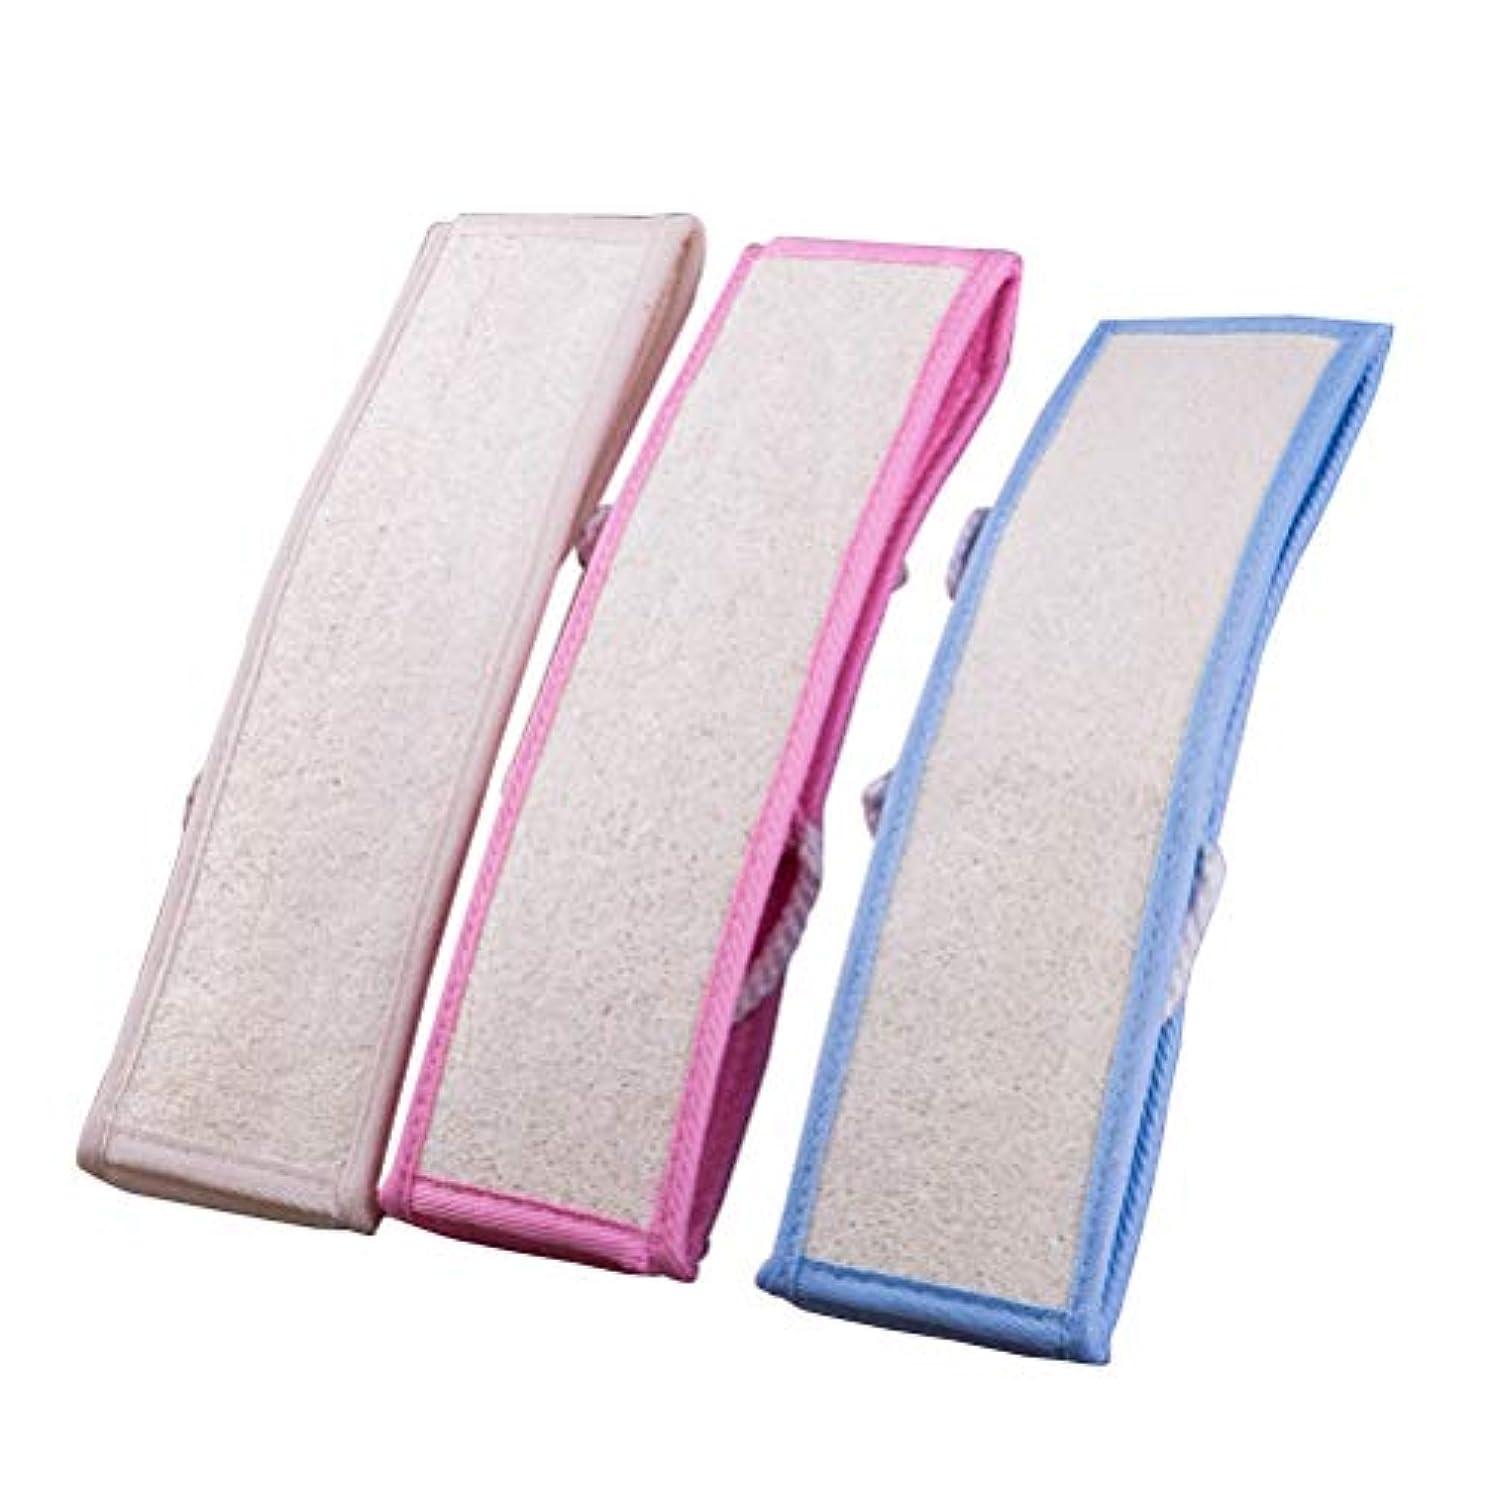 リス鰐衣装Healifty 3本のLoofahバックストラップ剥離バックスクラバーロングシャワーバスLoofah(青、ピンク、白各1個)